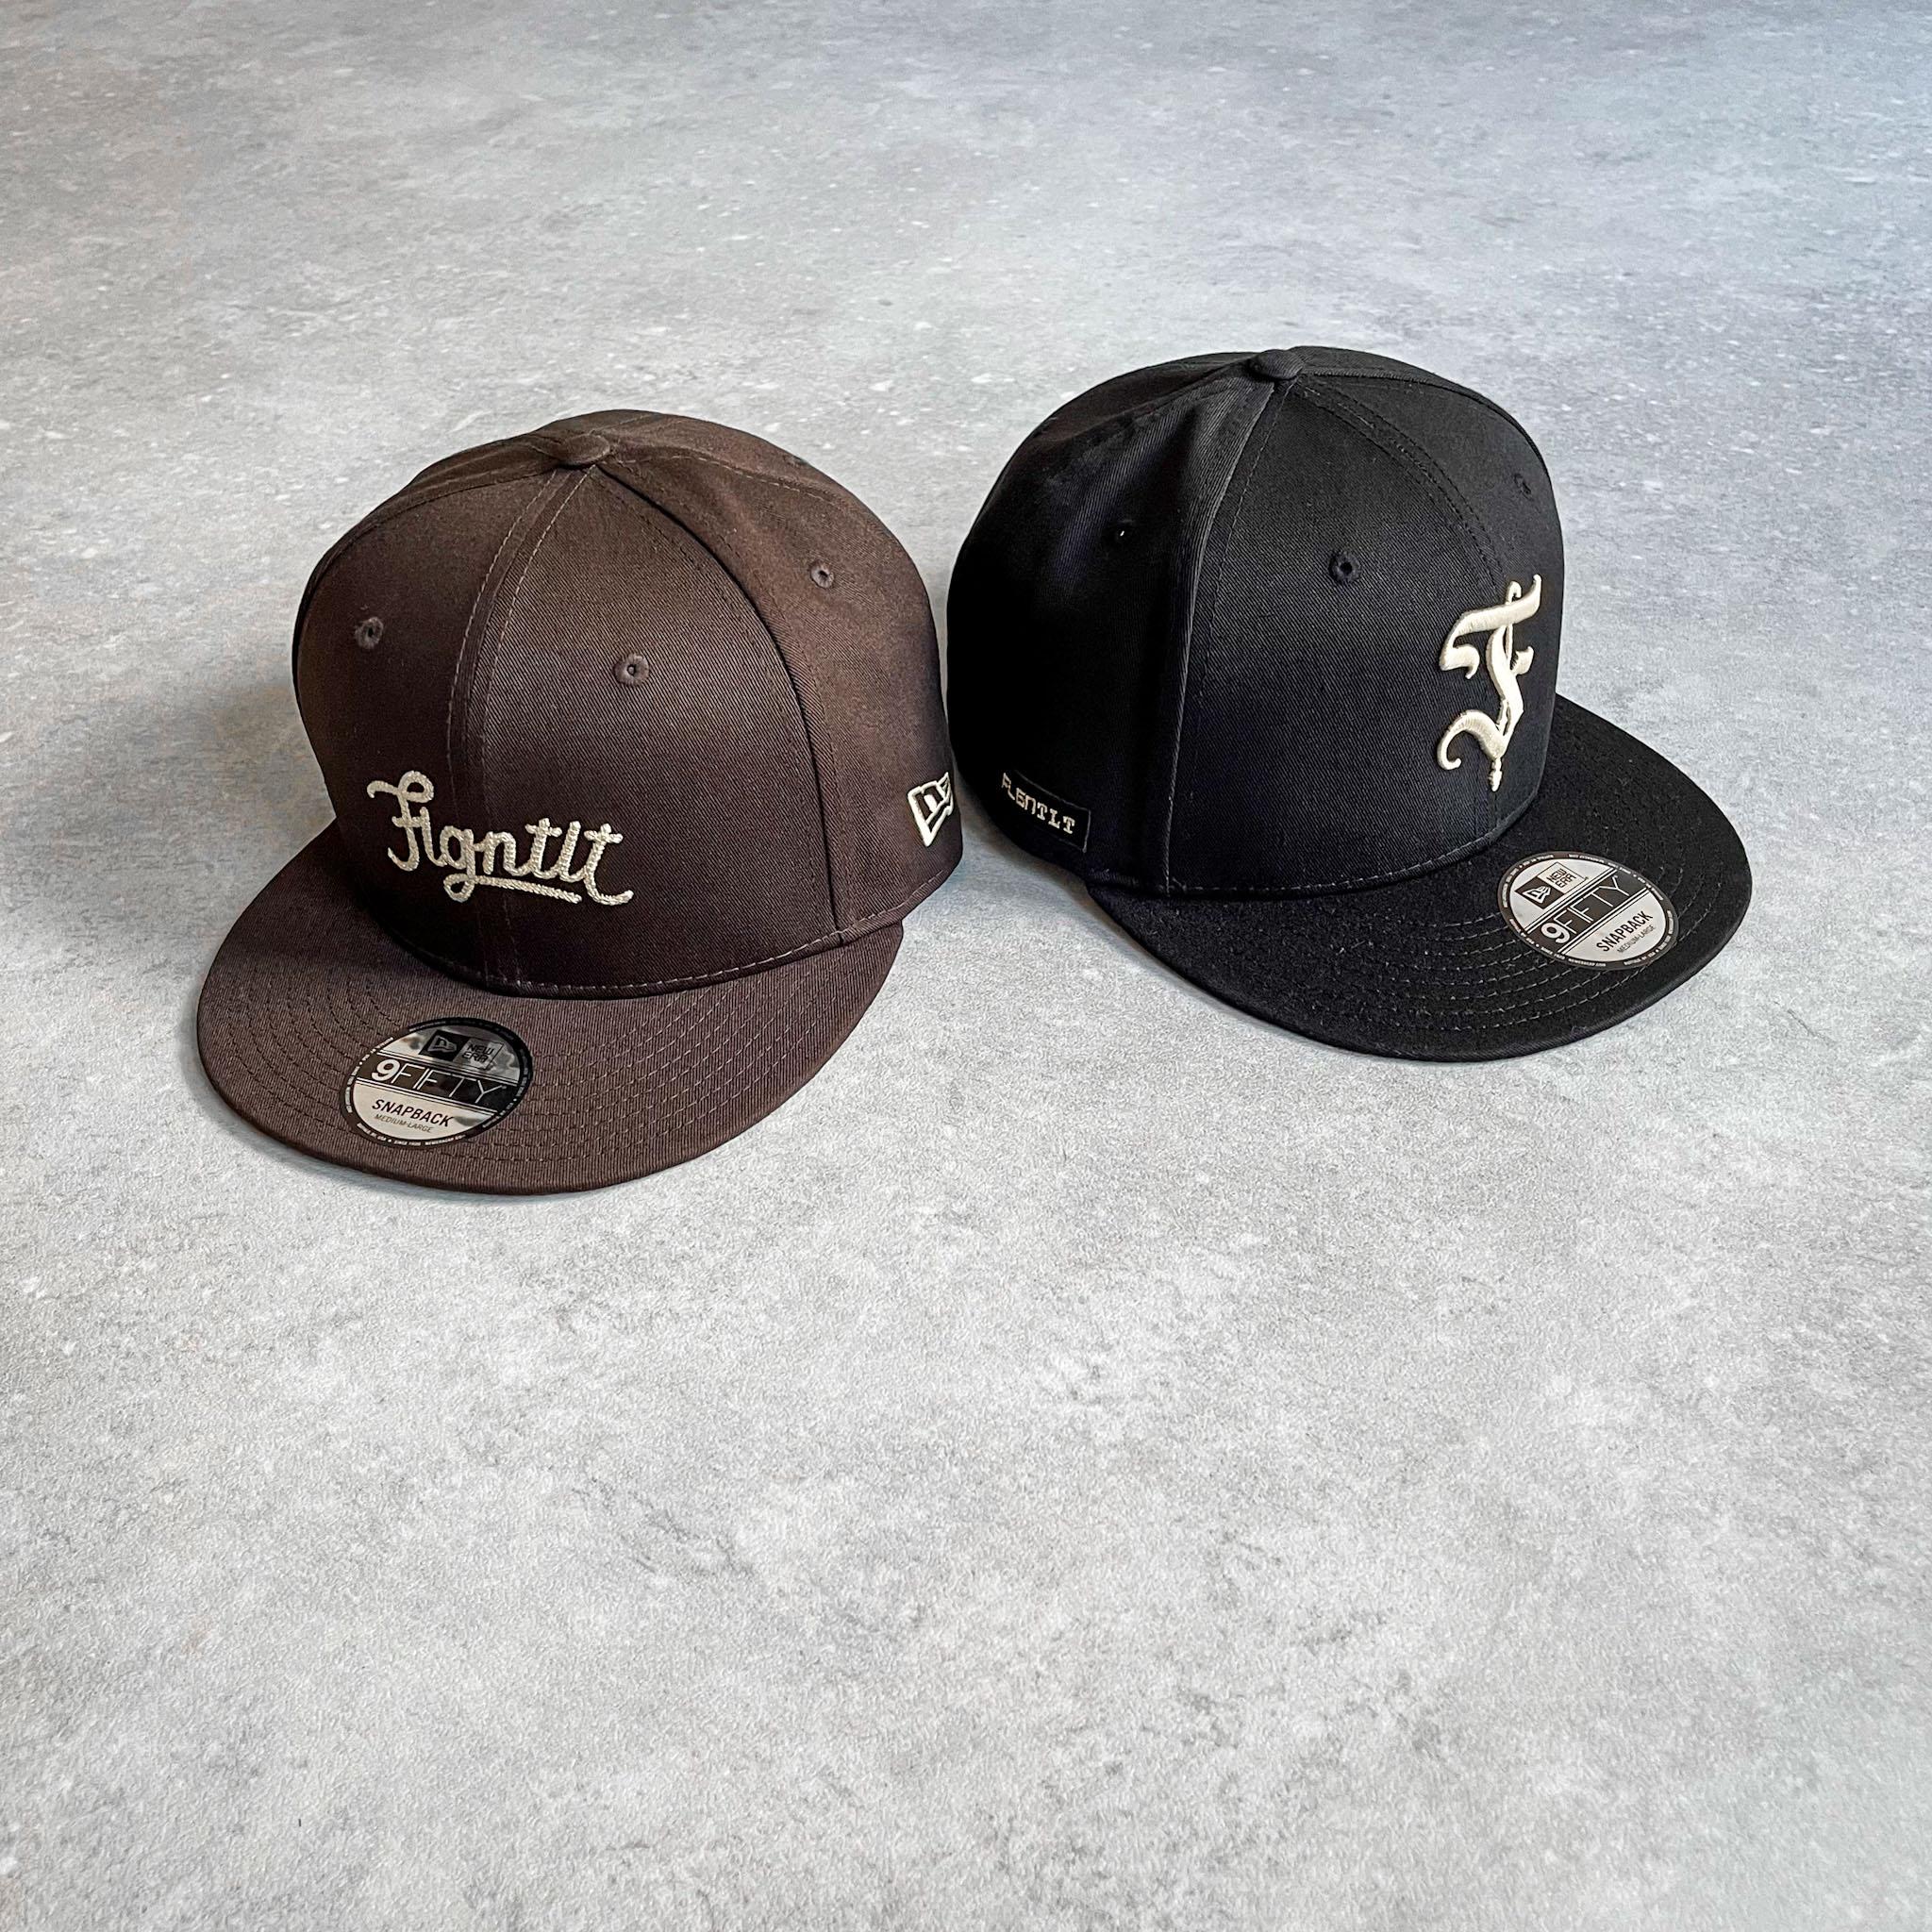 FLGNTLT x NEW ERA SIGN CAP